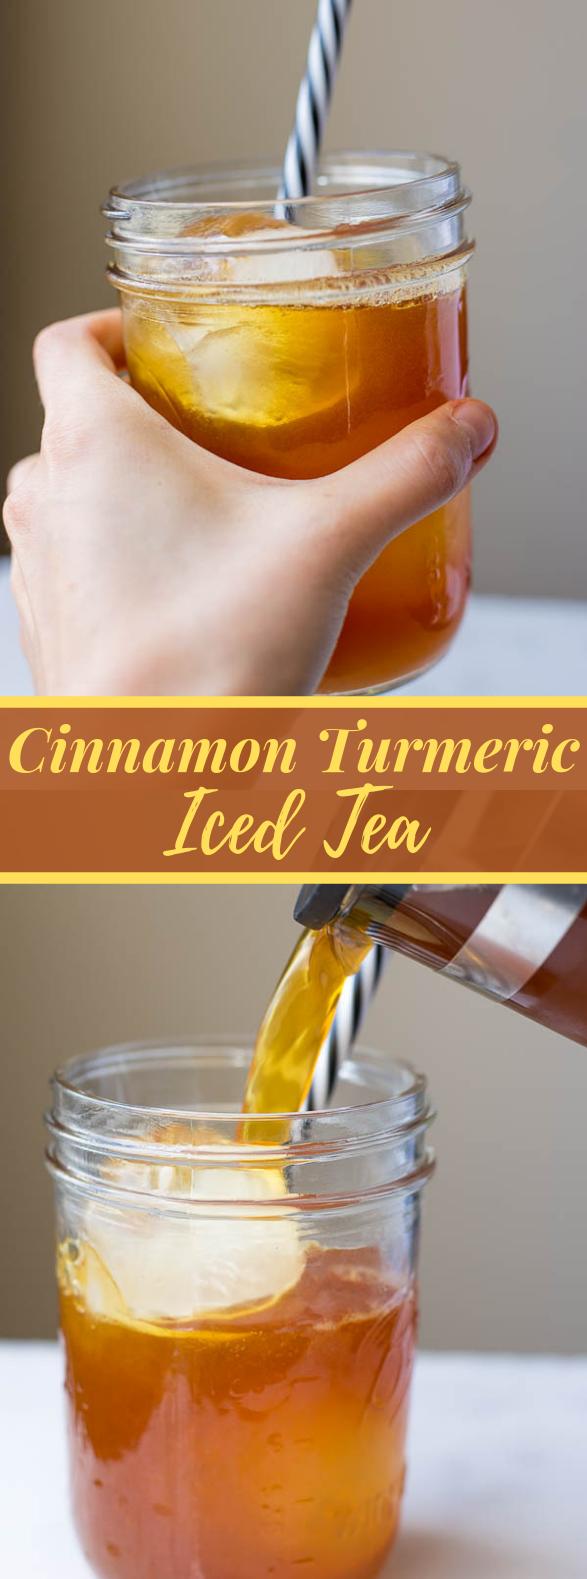 Cinnamon Turmeric Iced Tea (aka. golden iced tea)